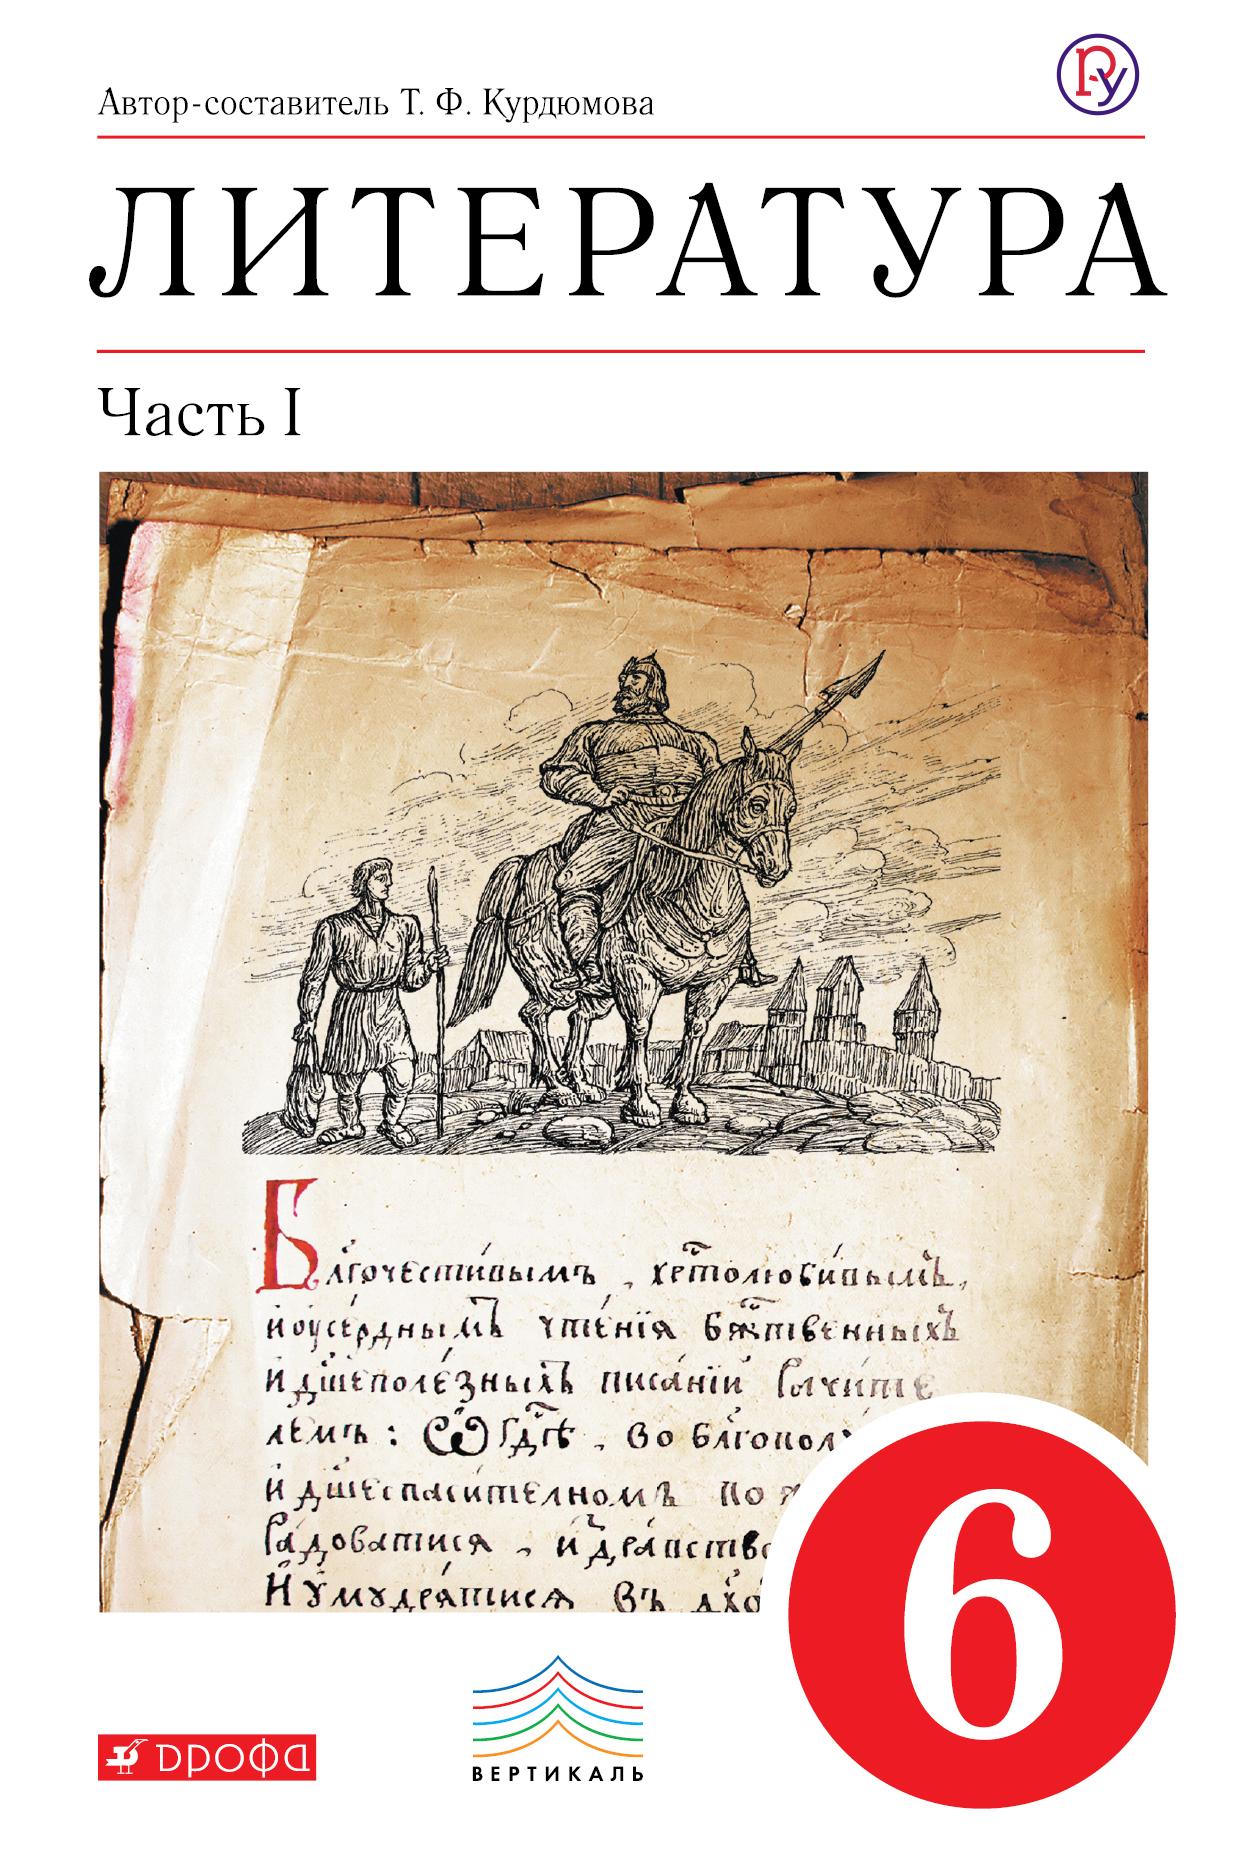 6 класс 2 часть по литературе курдюмова решебник